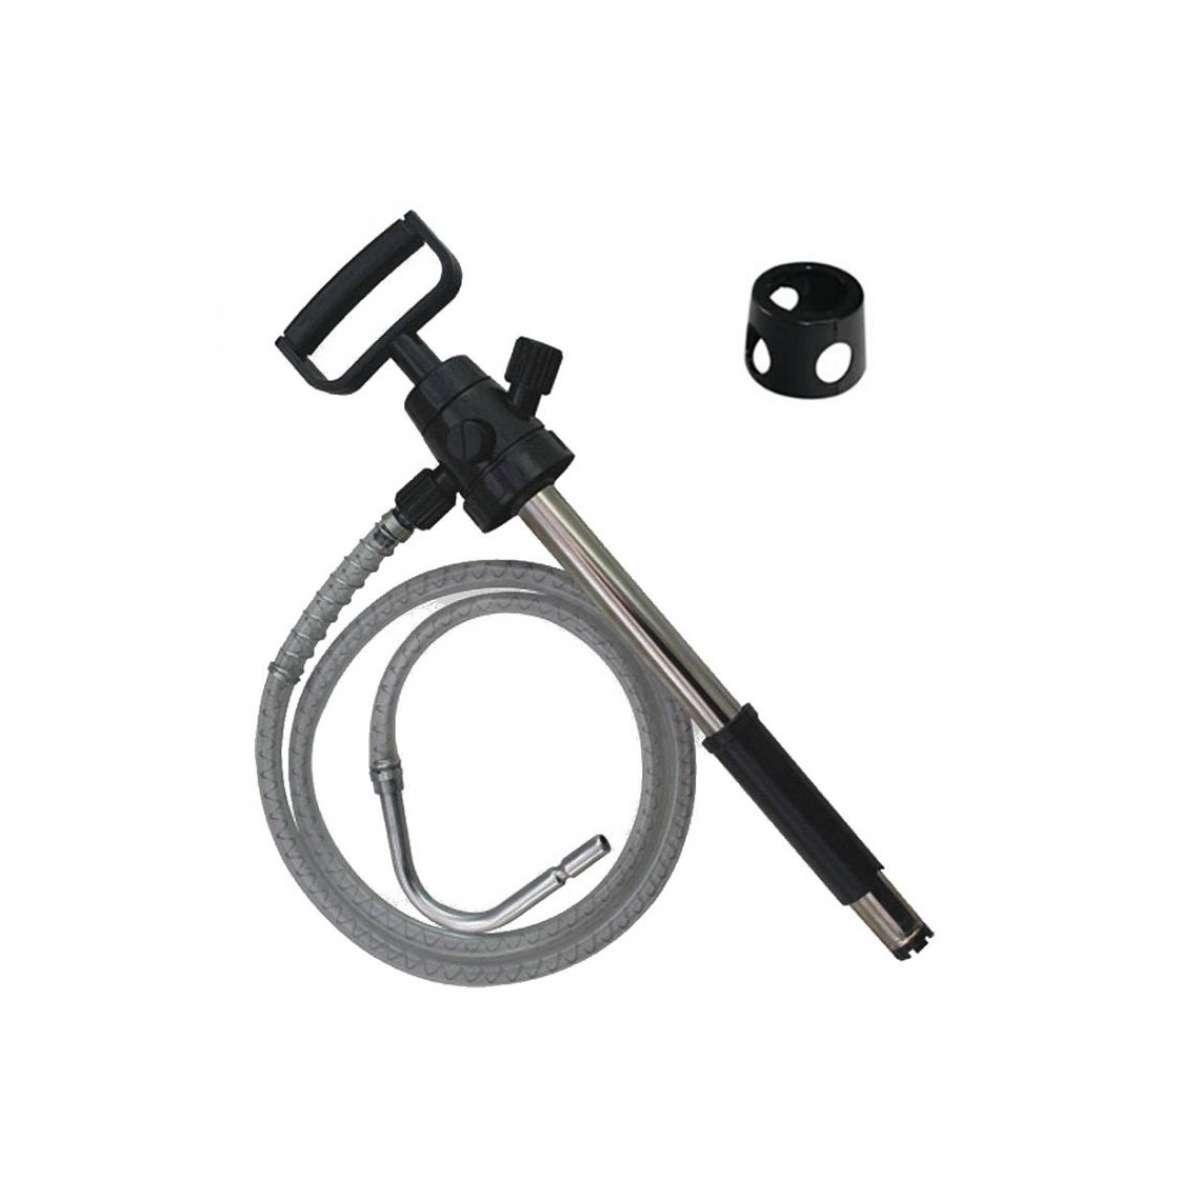 Premium Pump - OIL SAFE - Black